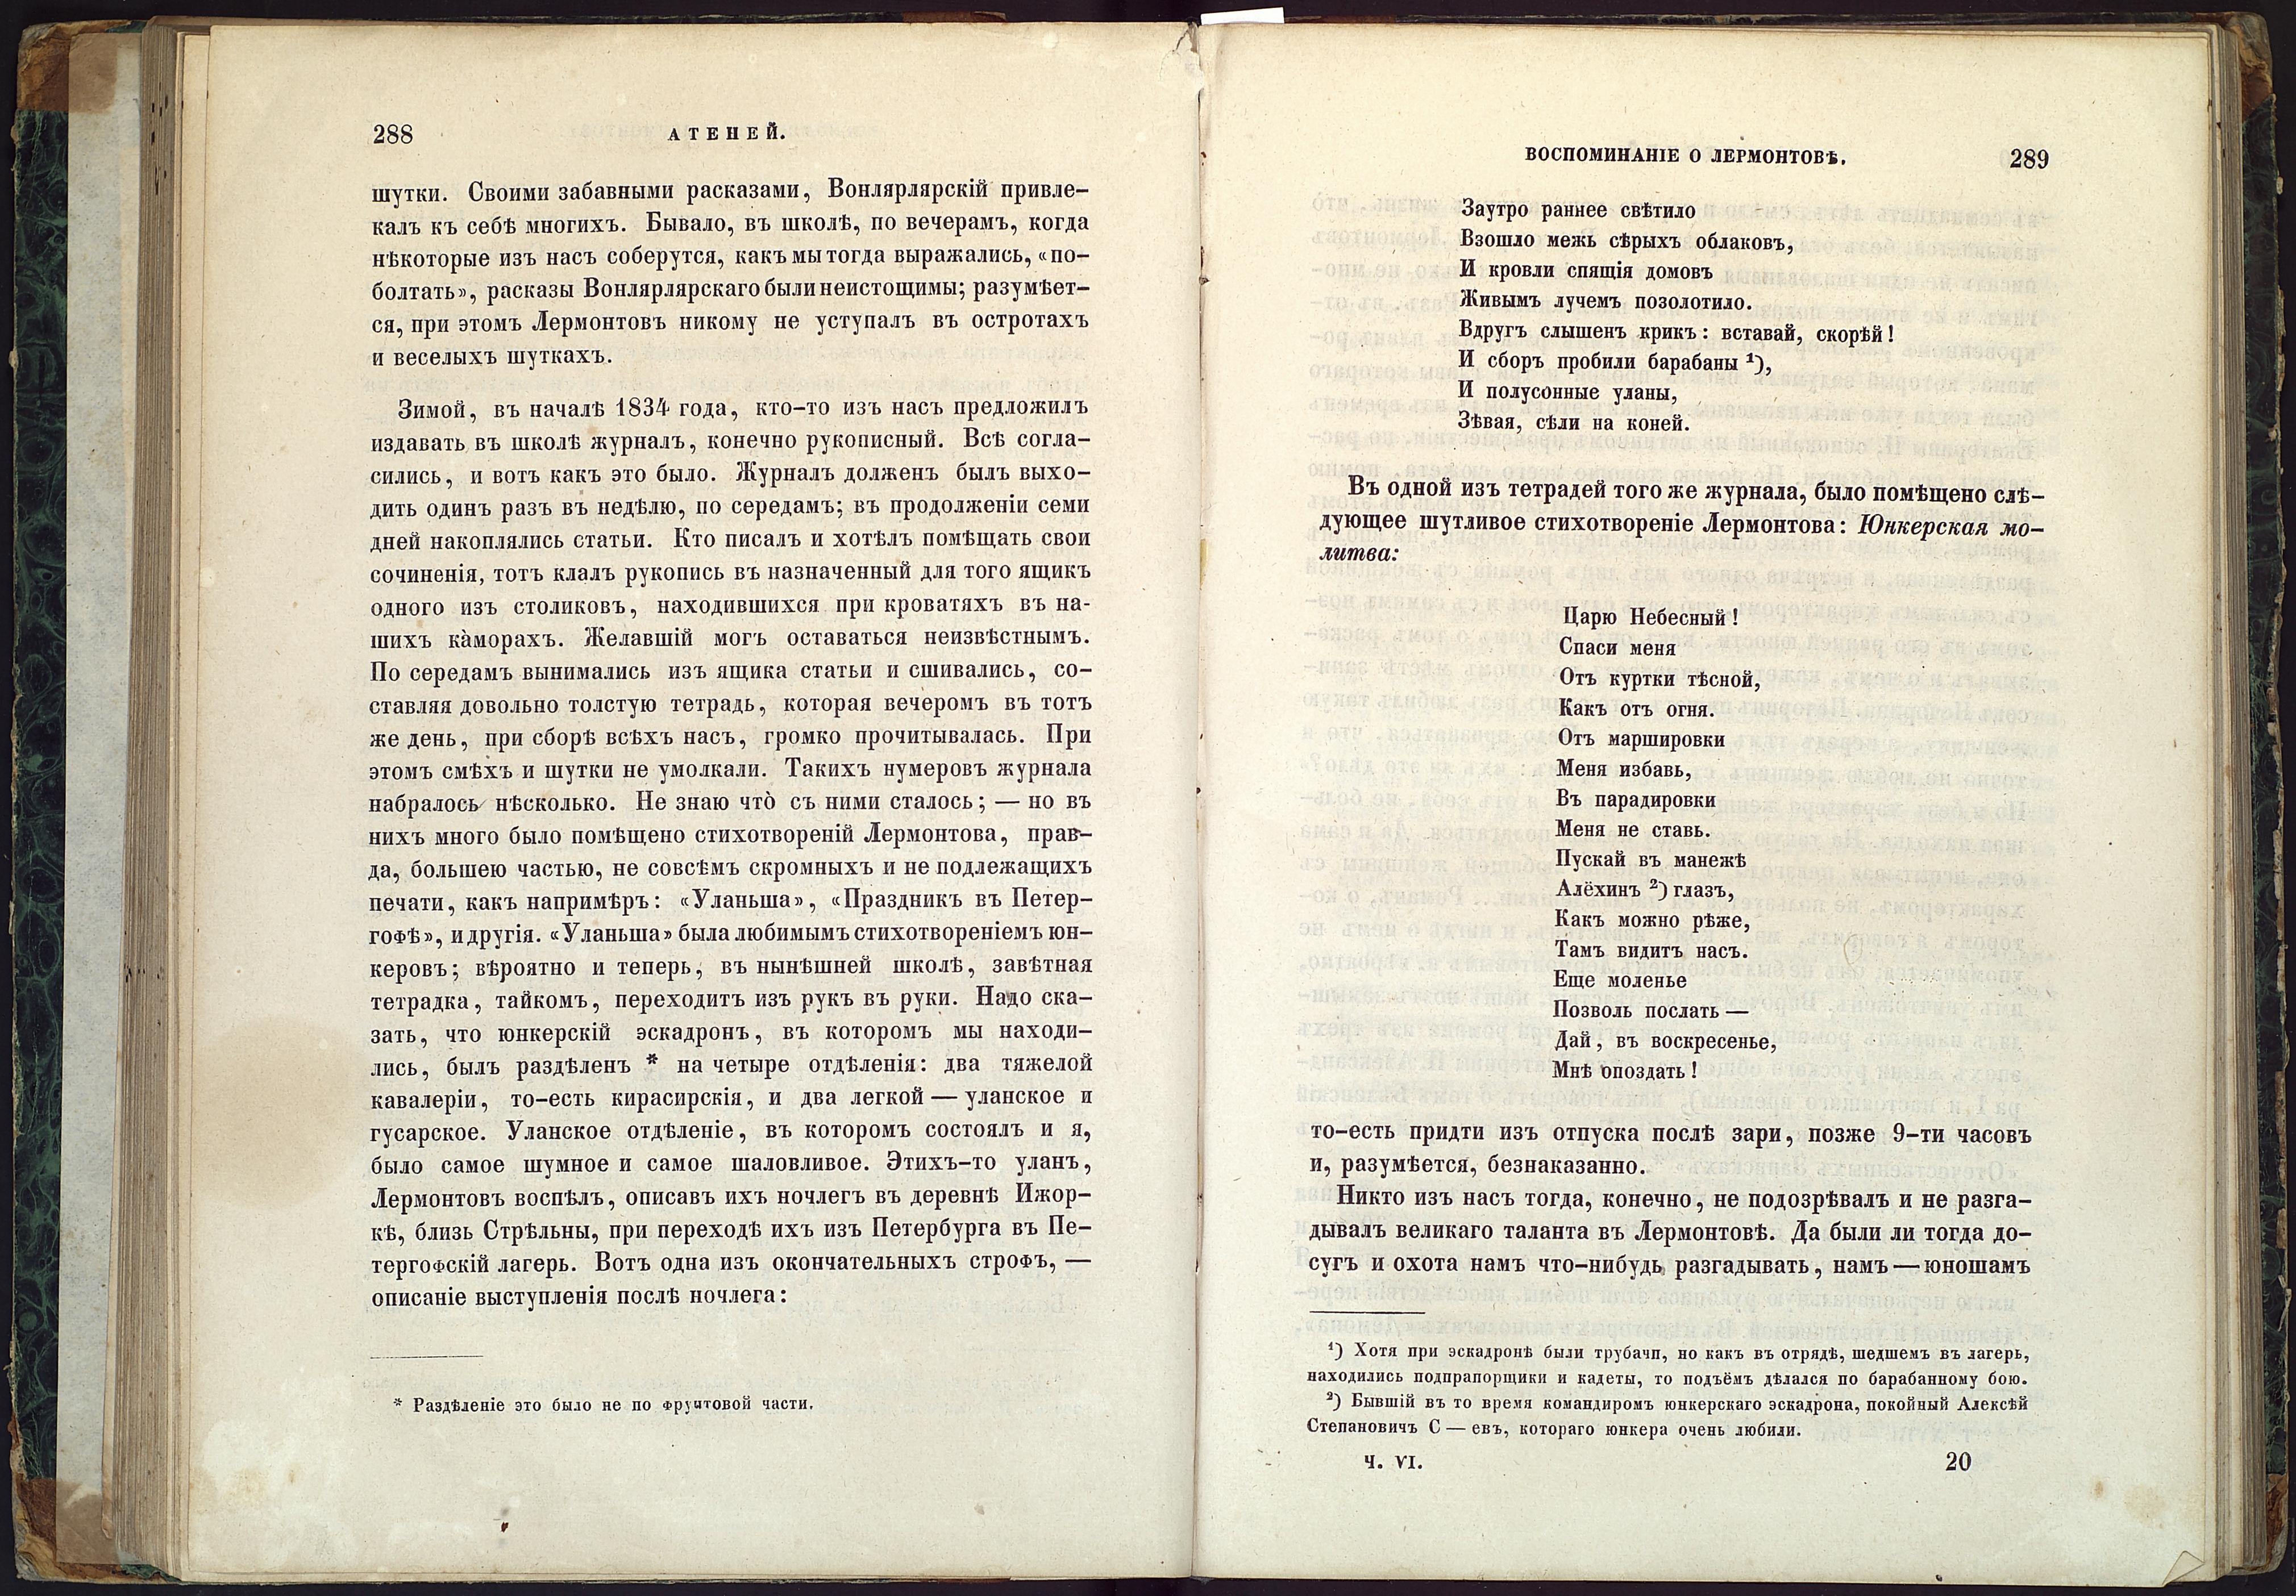 ЛОК-5101 ТАРХАНЫ КП-11008  Журнал Атеней Ч. 6 (ноябрь и декабрь)._3